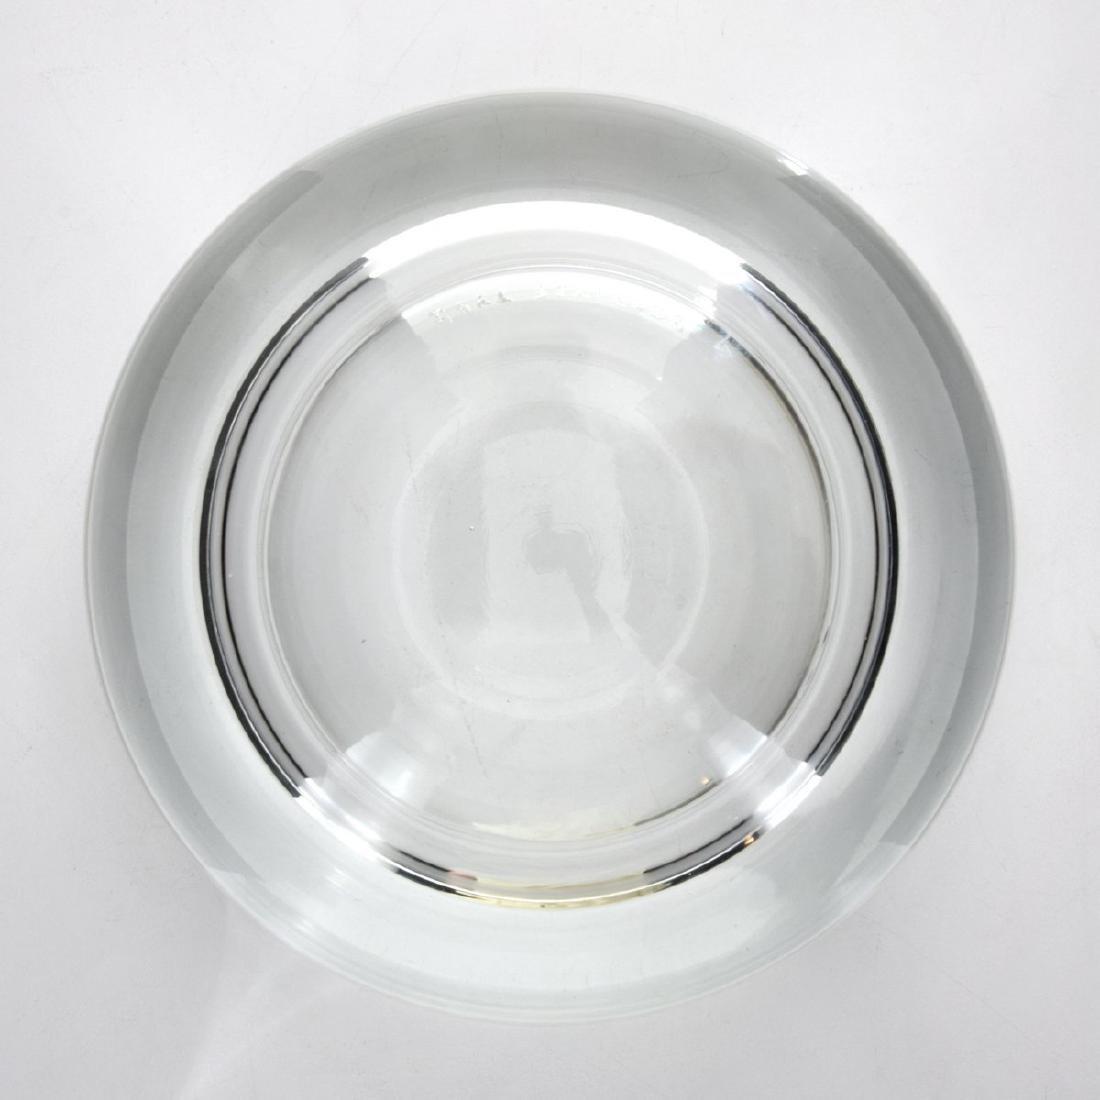 Large Karl Springer Bowl/Vessel - 6